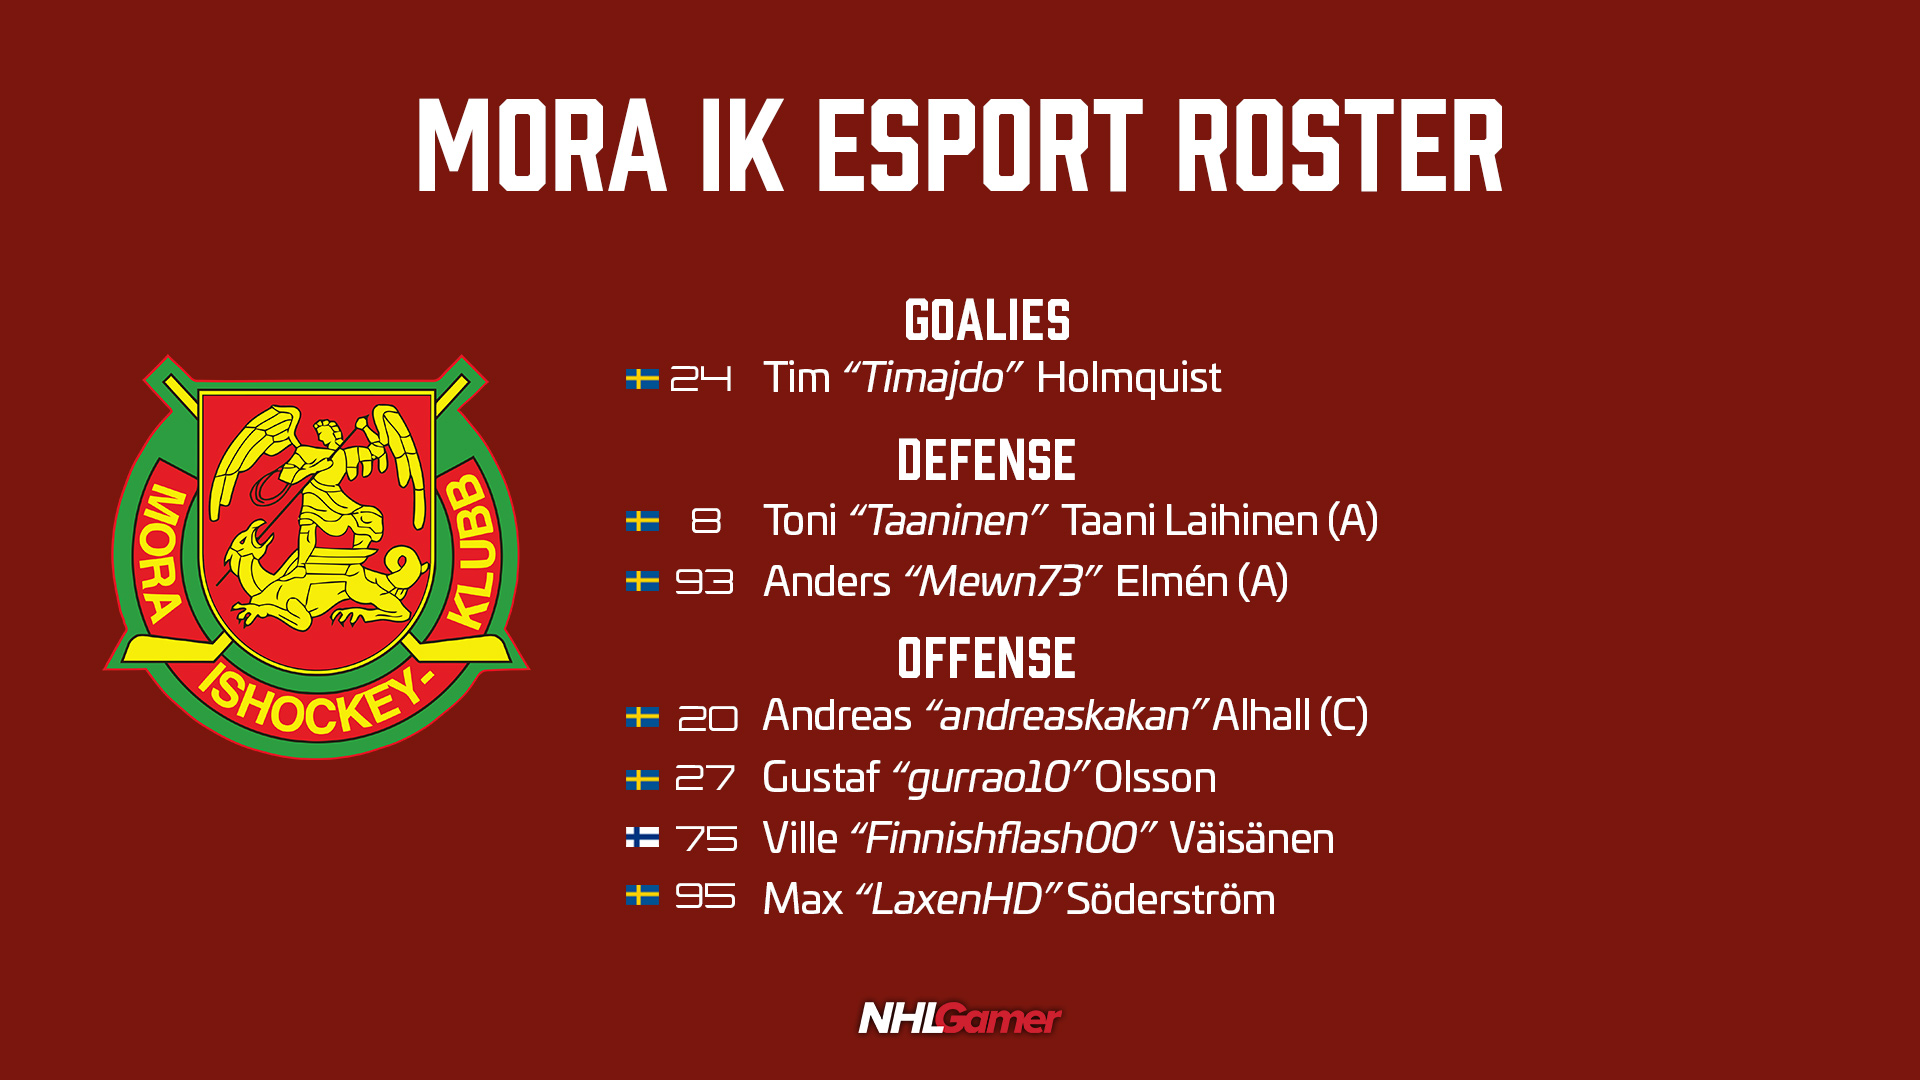 Mora_IK_roster_art.jpg